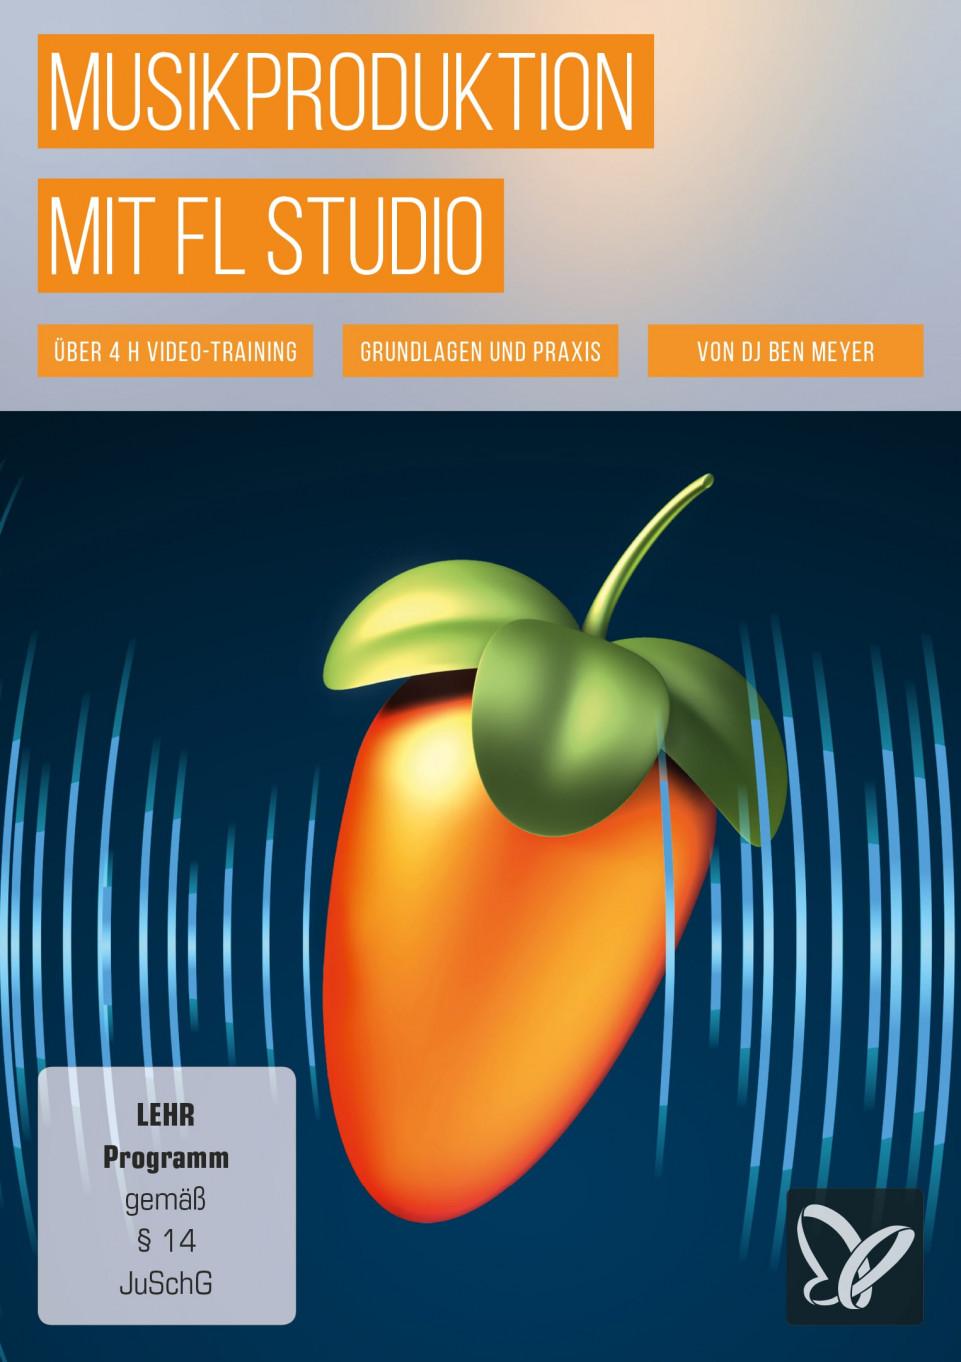 FL Studio Tutorial: Musikproduktion lernen